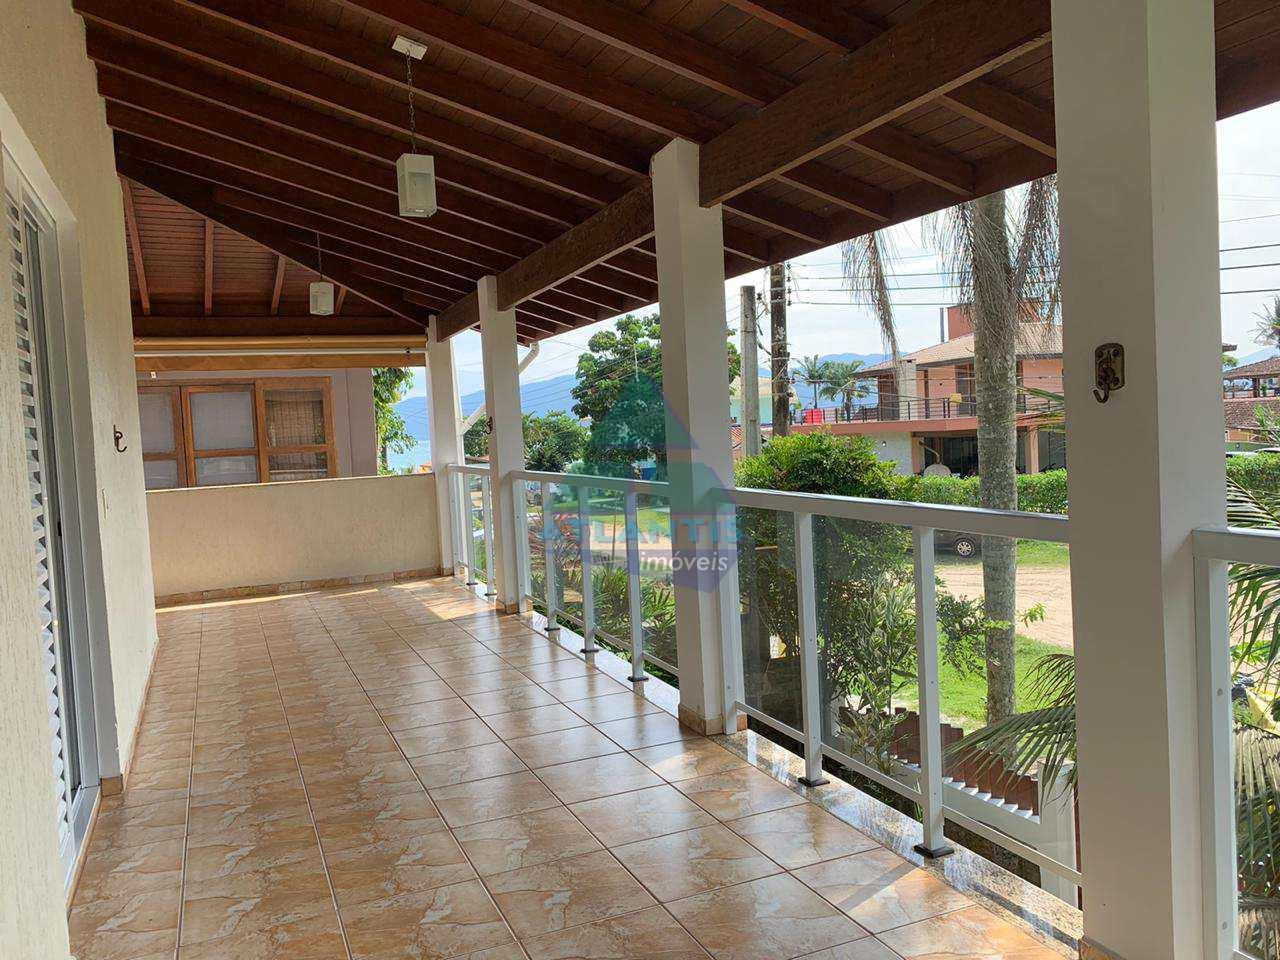 Casa com 4 dorms, Condomínio Lagoinha, Ubatuba - R$ 1.6 mi, Cod: 1177